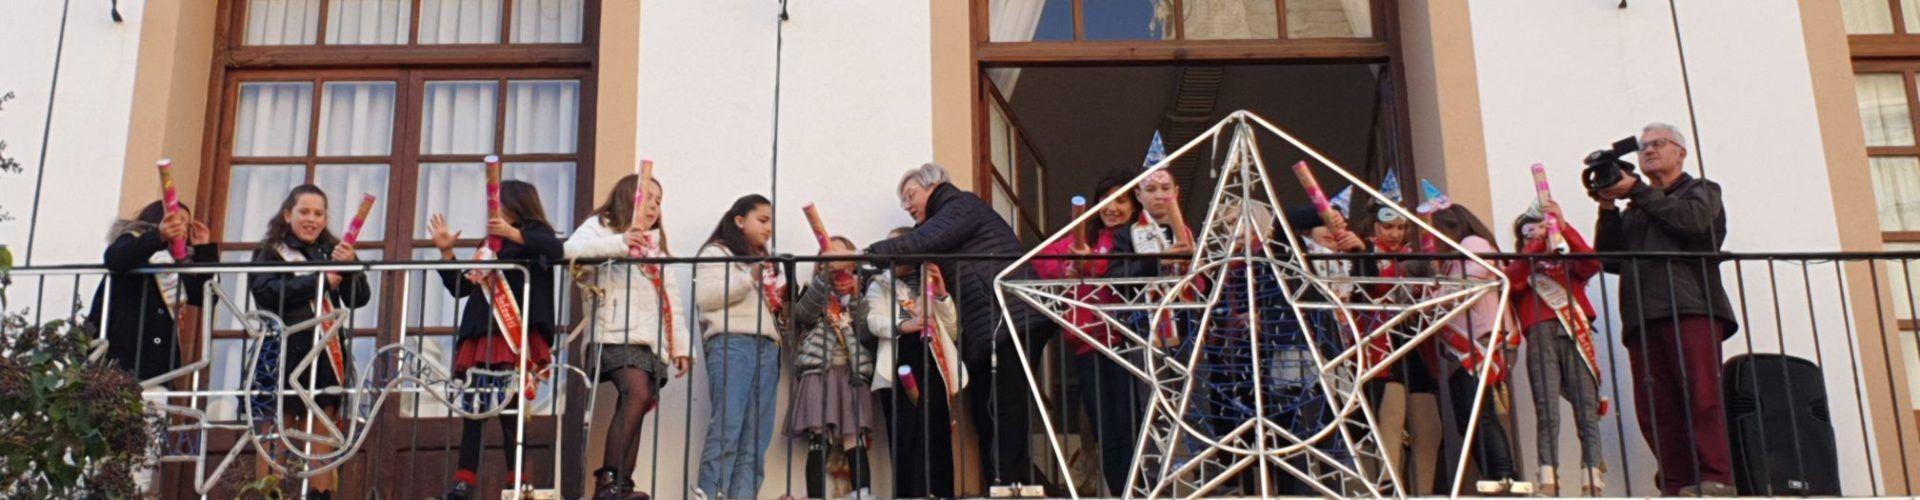 Primeres minicampanades de Cap d'Any a Vinaròs